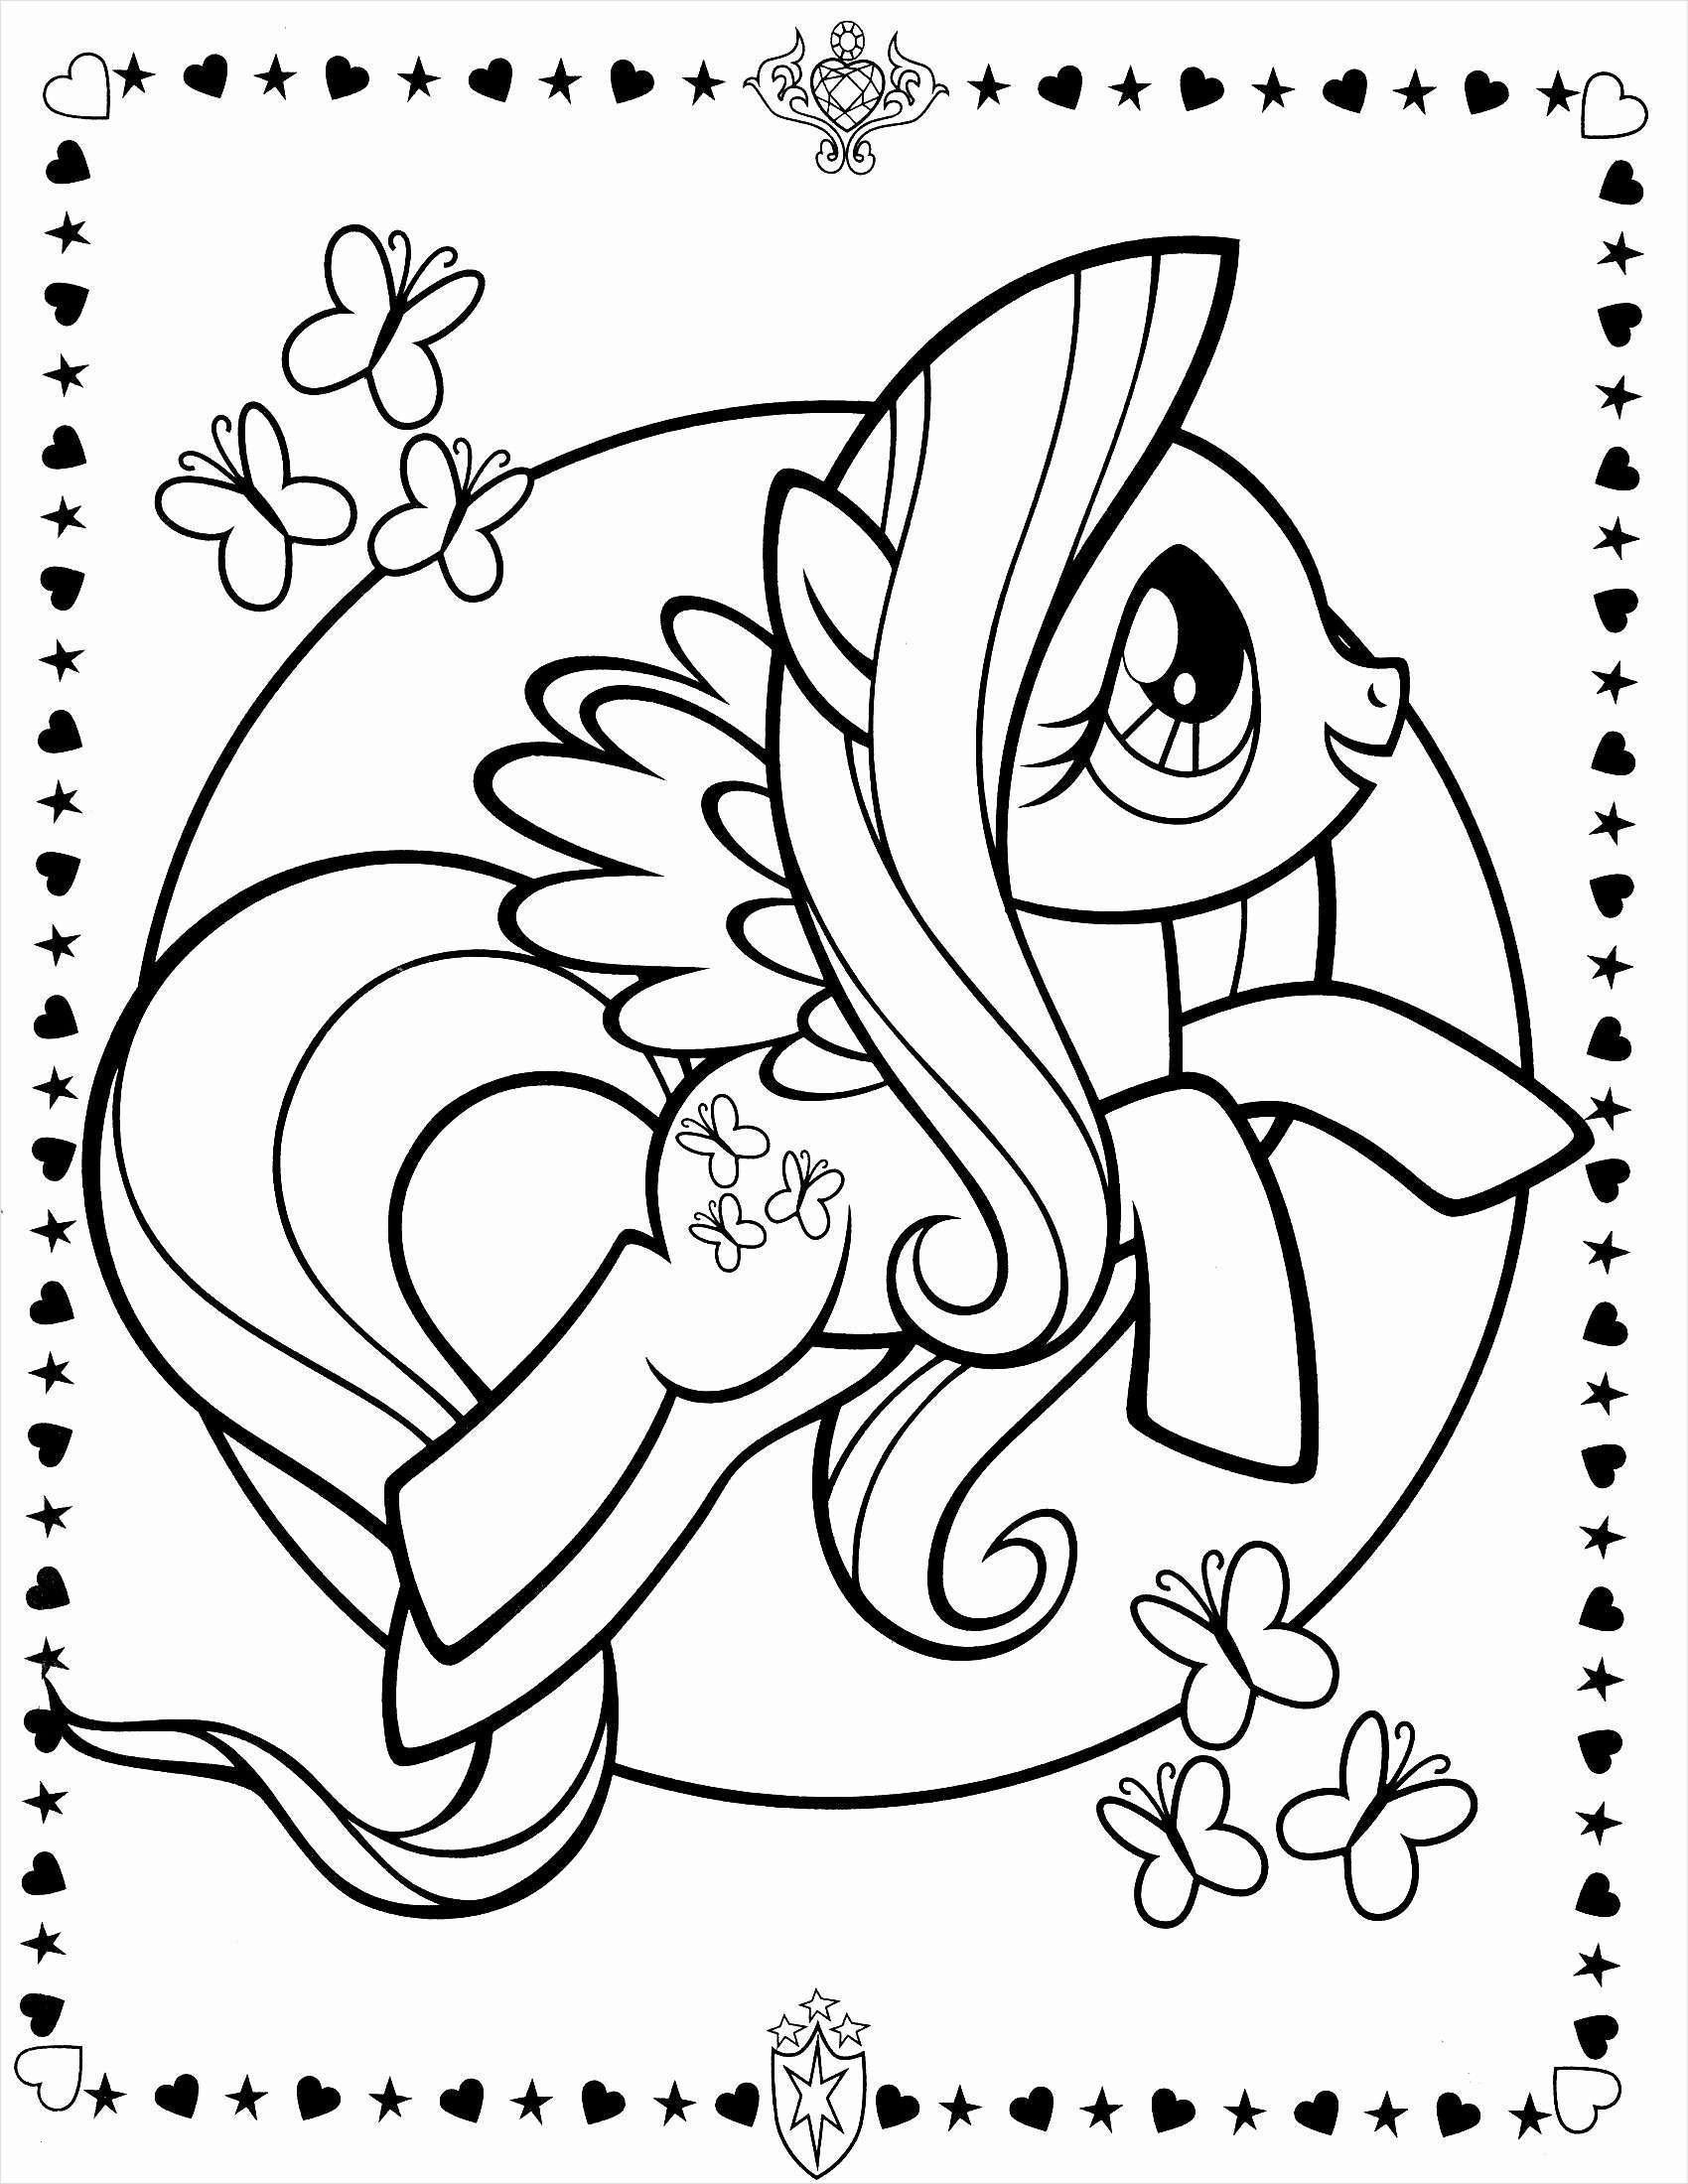 Malvorlagen My Little Pony Genial Ausmalbilder My Little Pony Prinzessin Cadance Elegant 28 Mlp Frisch Bild